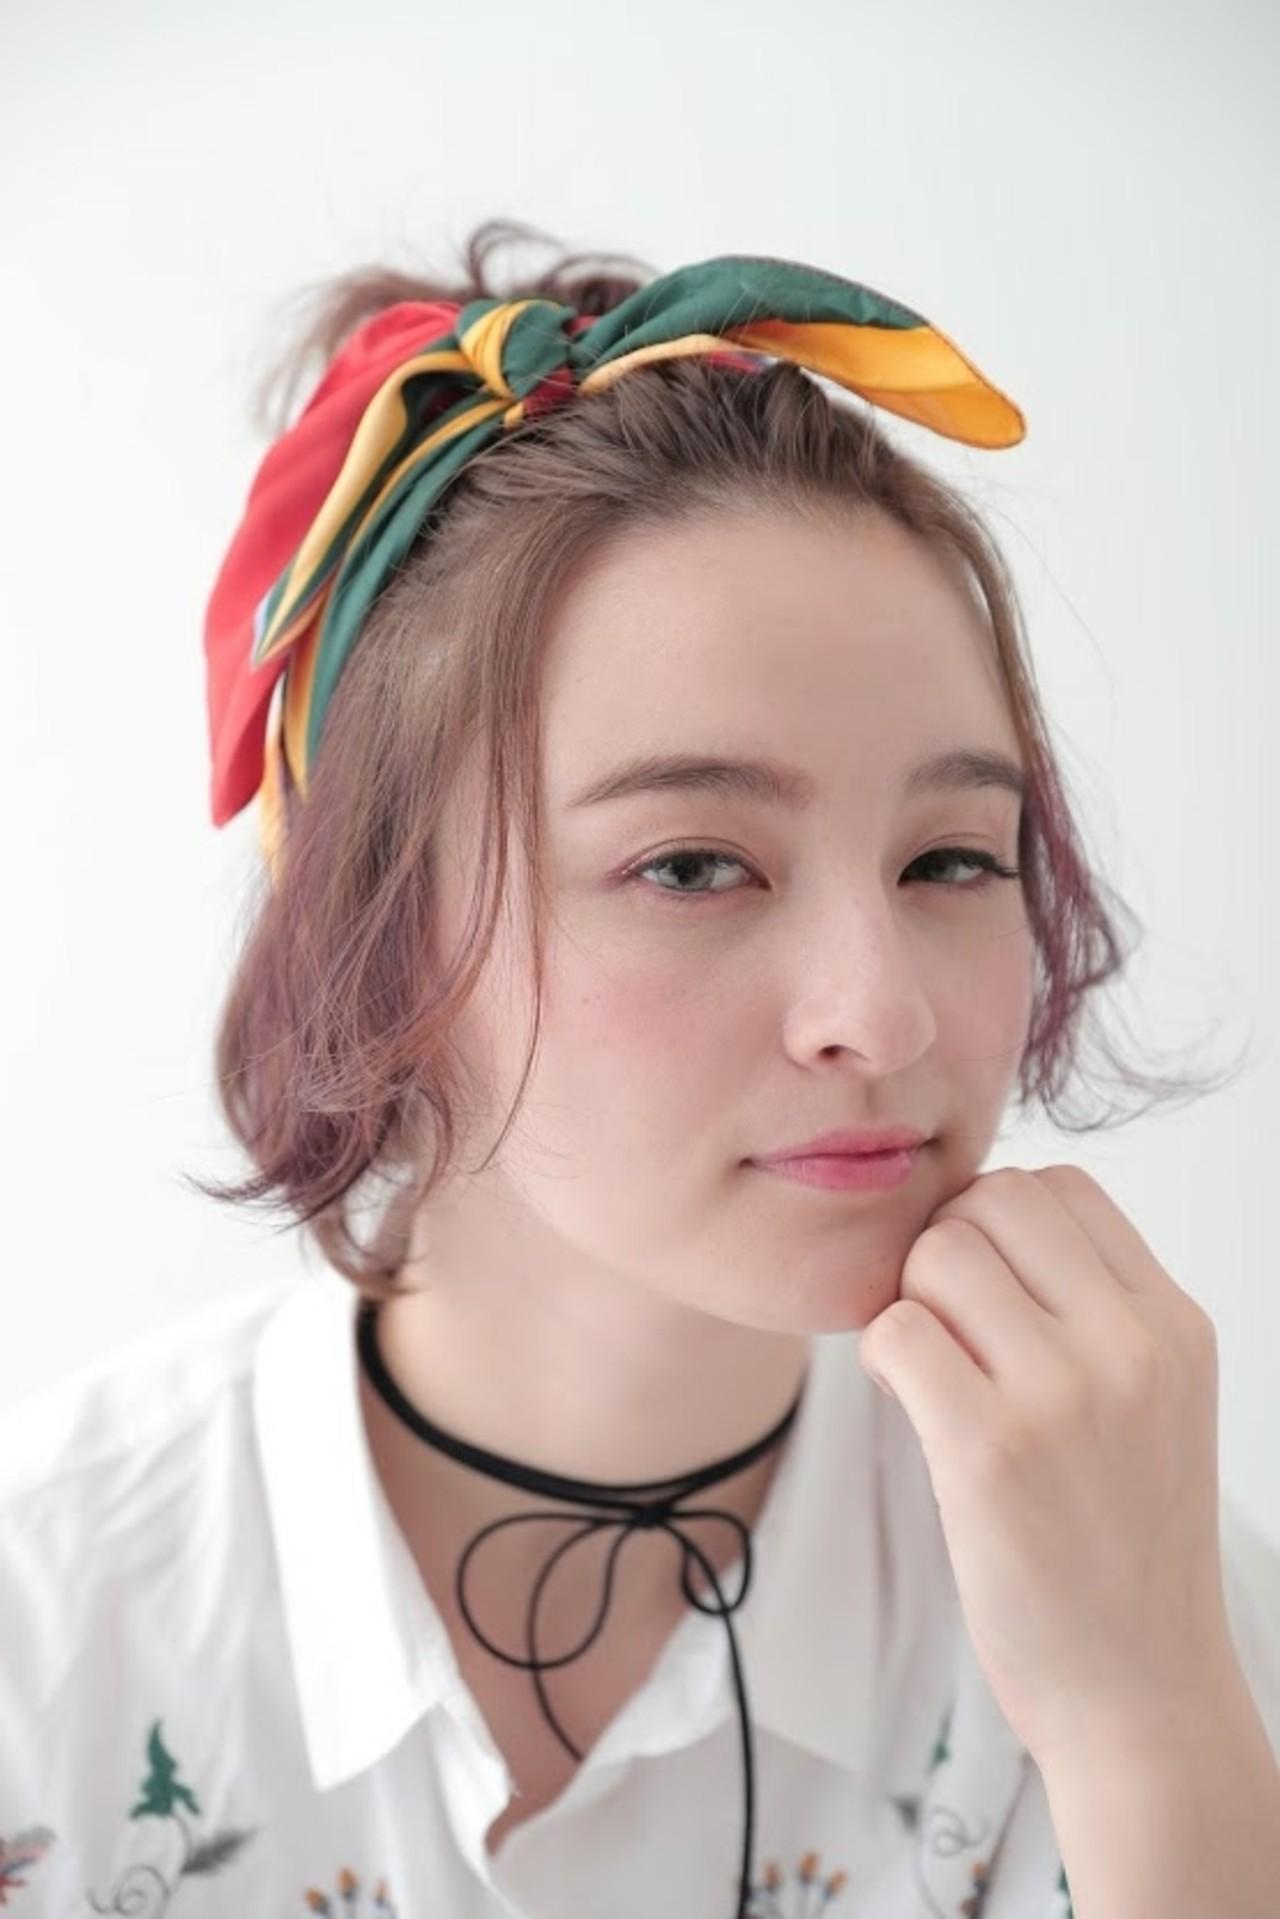 ヘアアレンジ 簡単ヘアアレンジ ボブ 透明感 ヘアスタイルや髪型の写真・画像